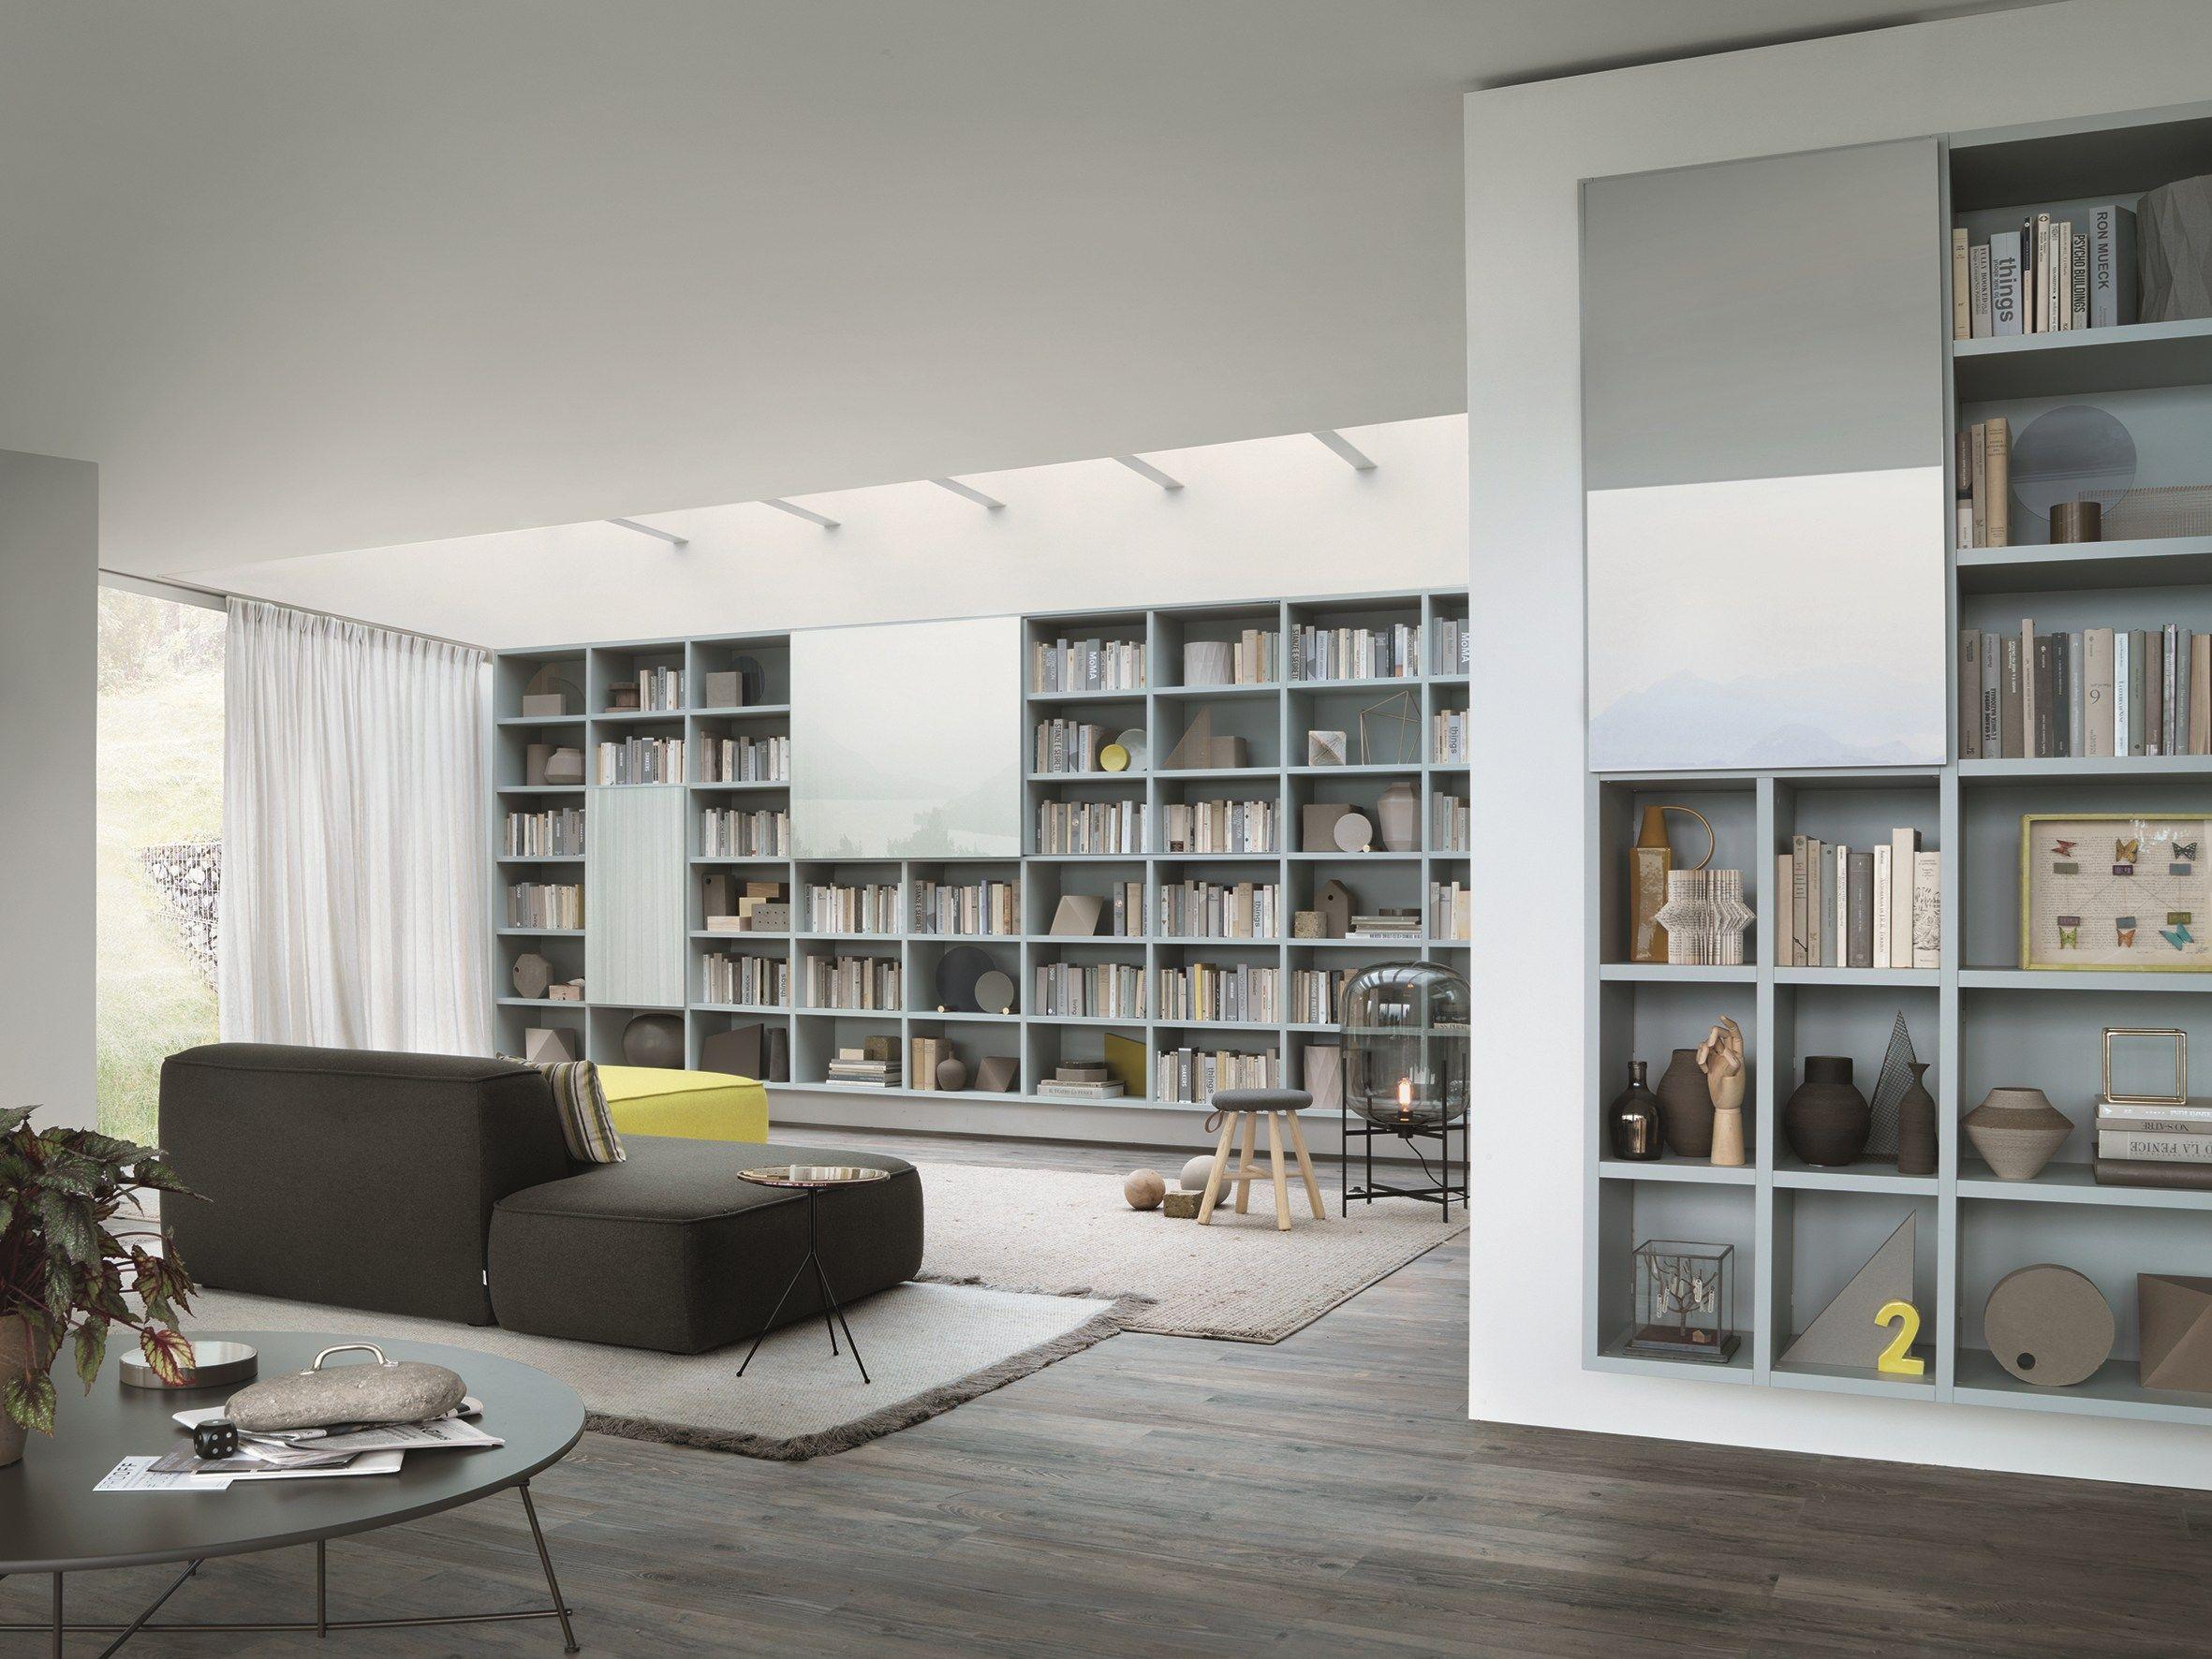 Libreria componibile modulare su misura selecta by lema for Libreria angolare componibile